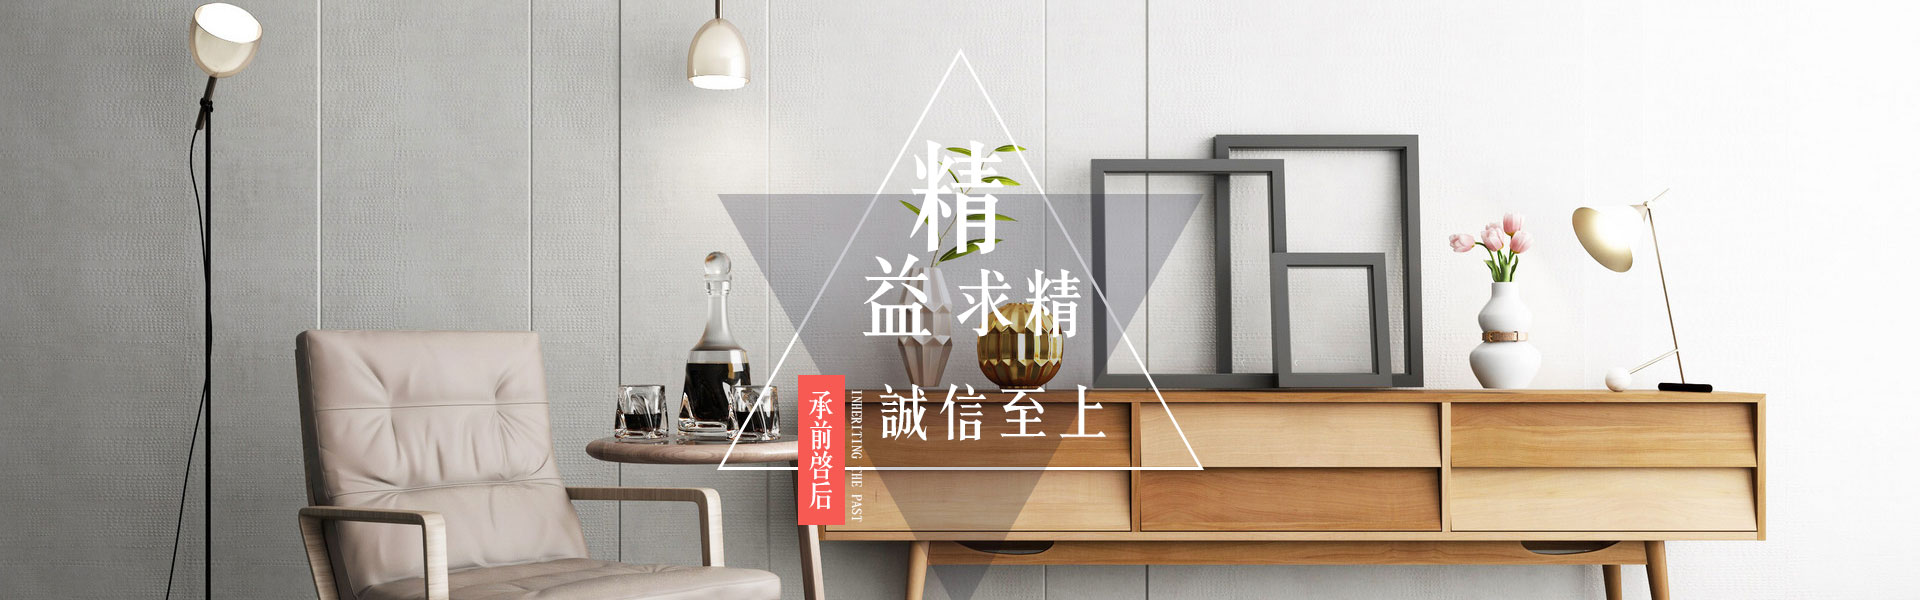 重庆承前启后装饰公司在建工程案例